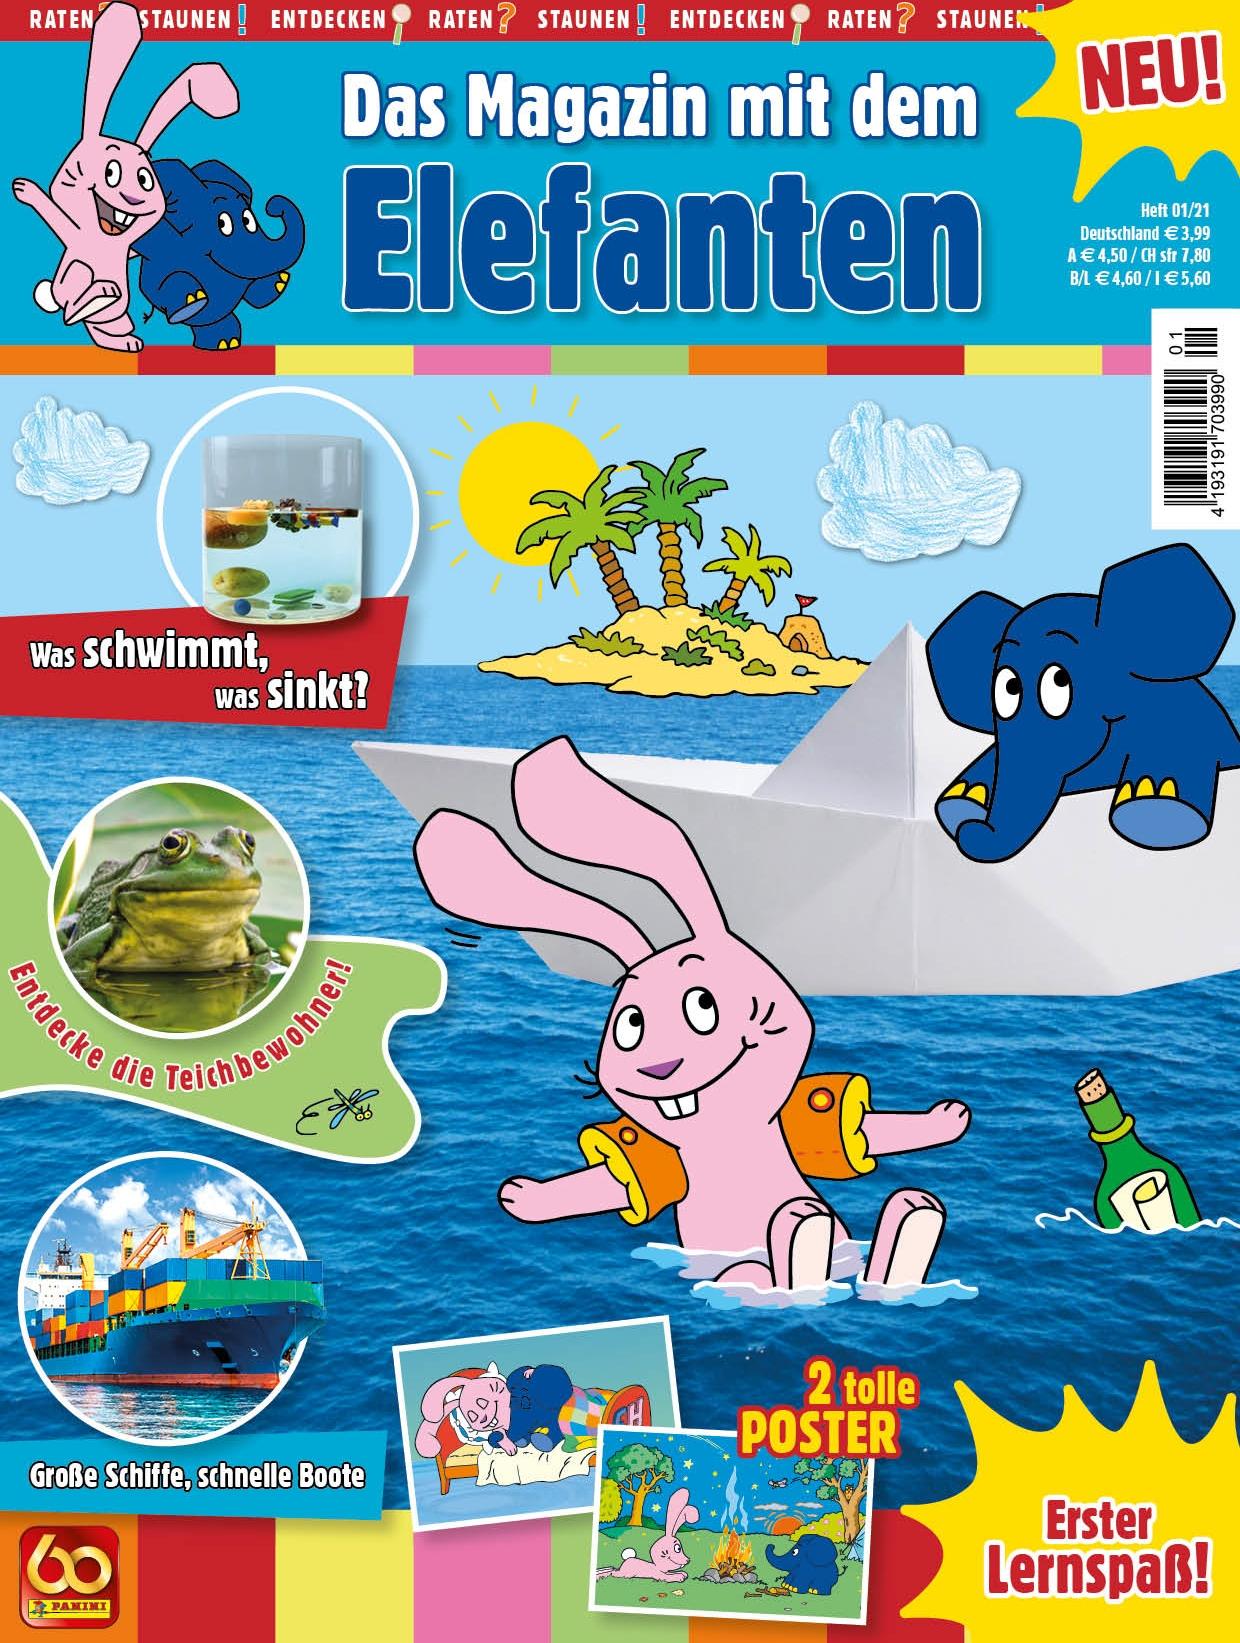 Das_Magazin_mit_dem_Elefanten_Titel_1-21